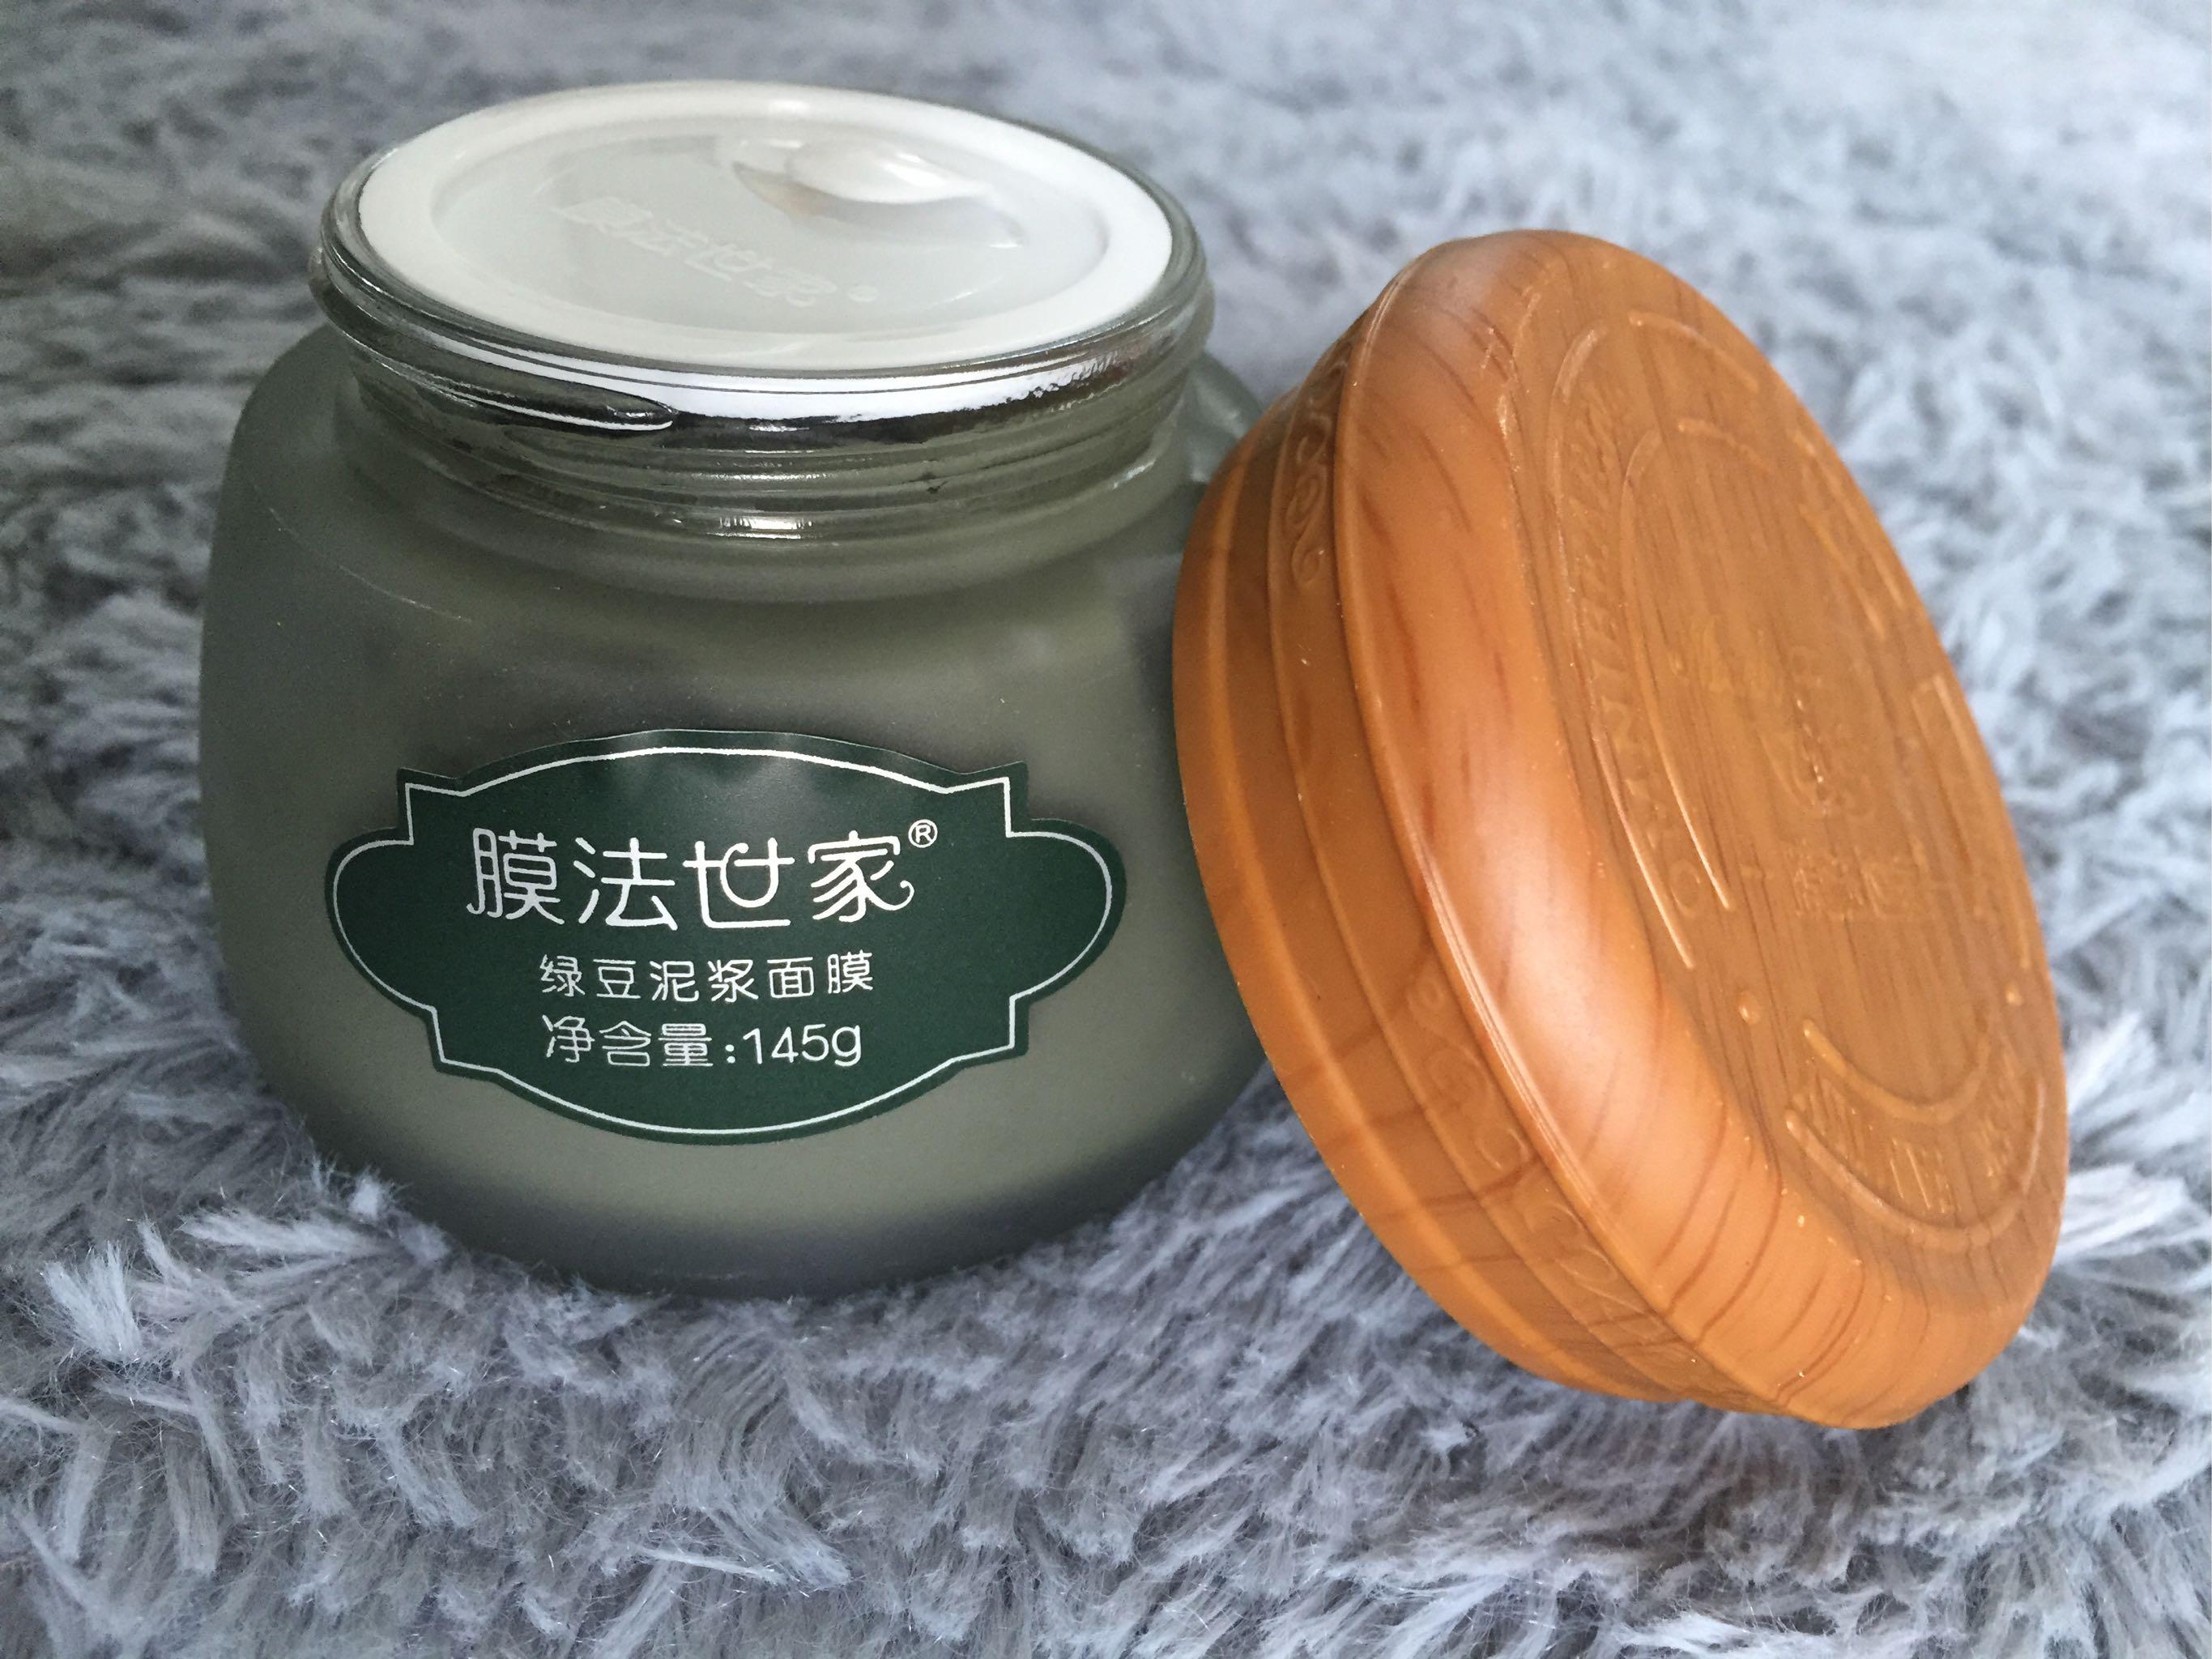 膜法世家1908绿豆泥浆面膜怎么用(膜法世家绿豆泥面膜测评)